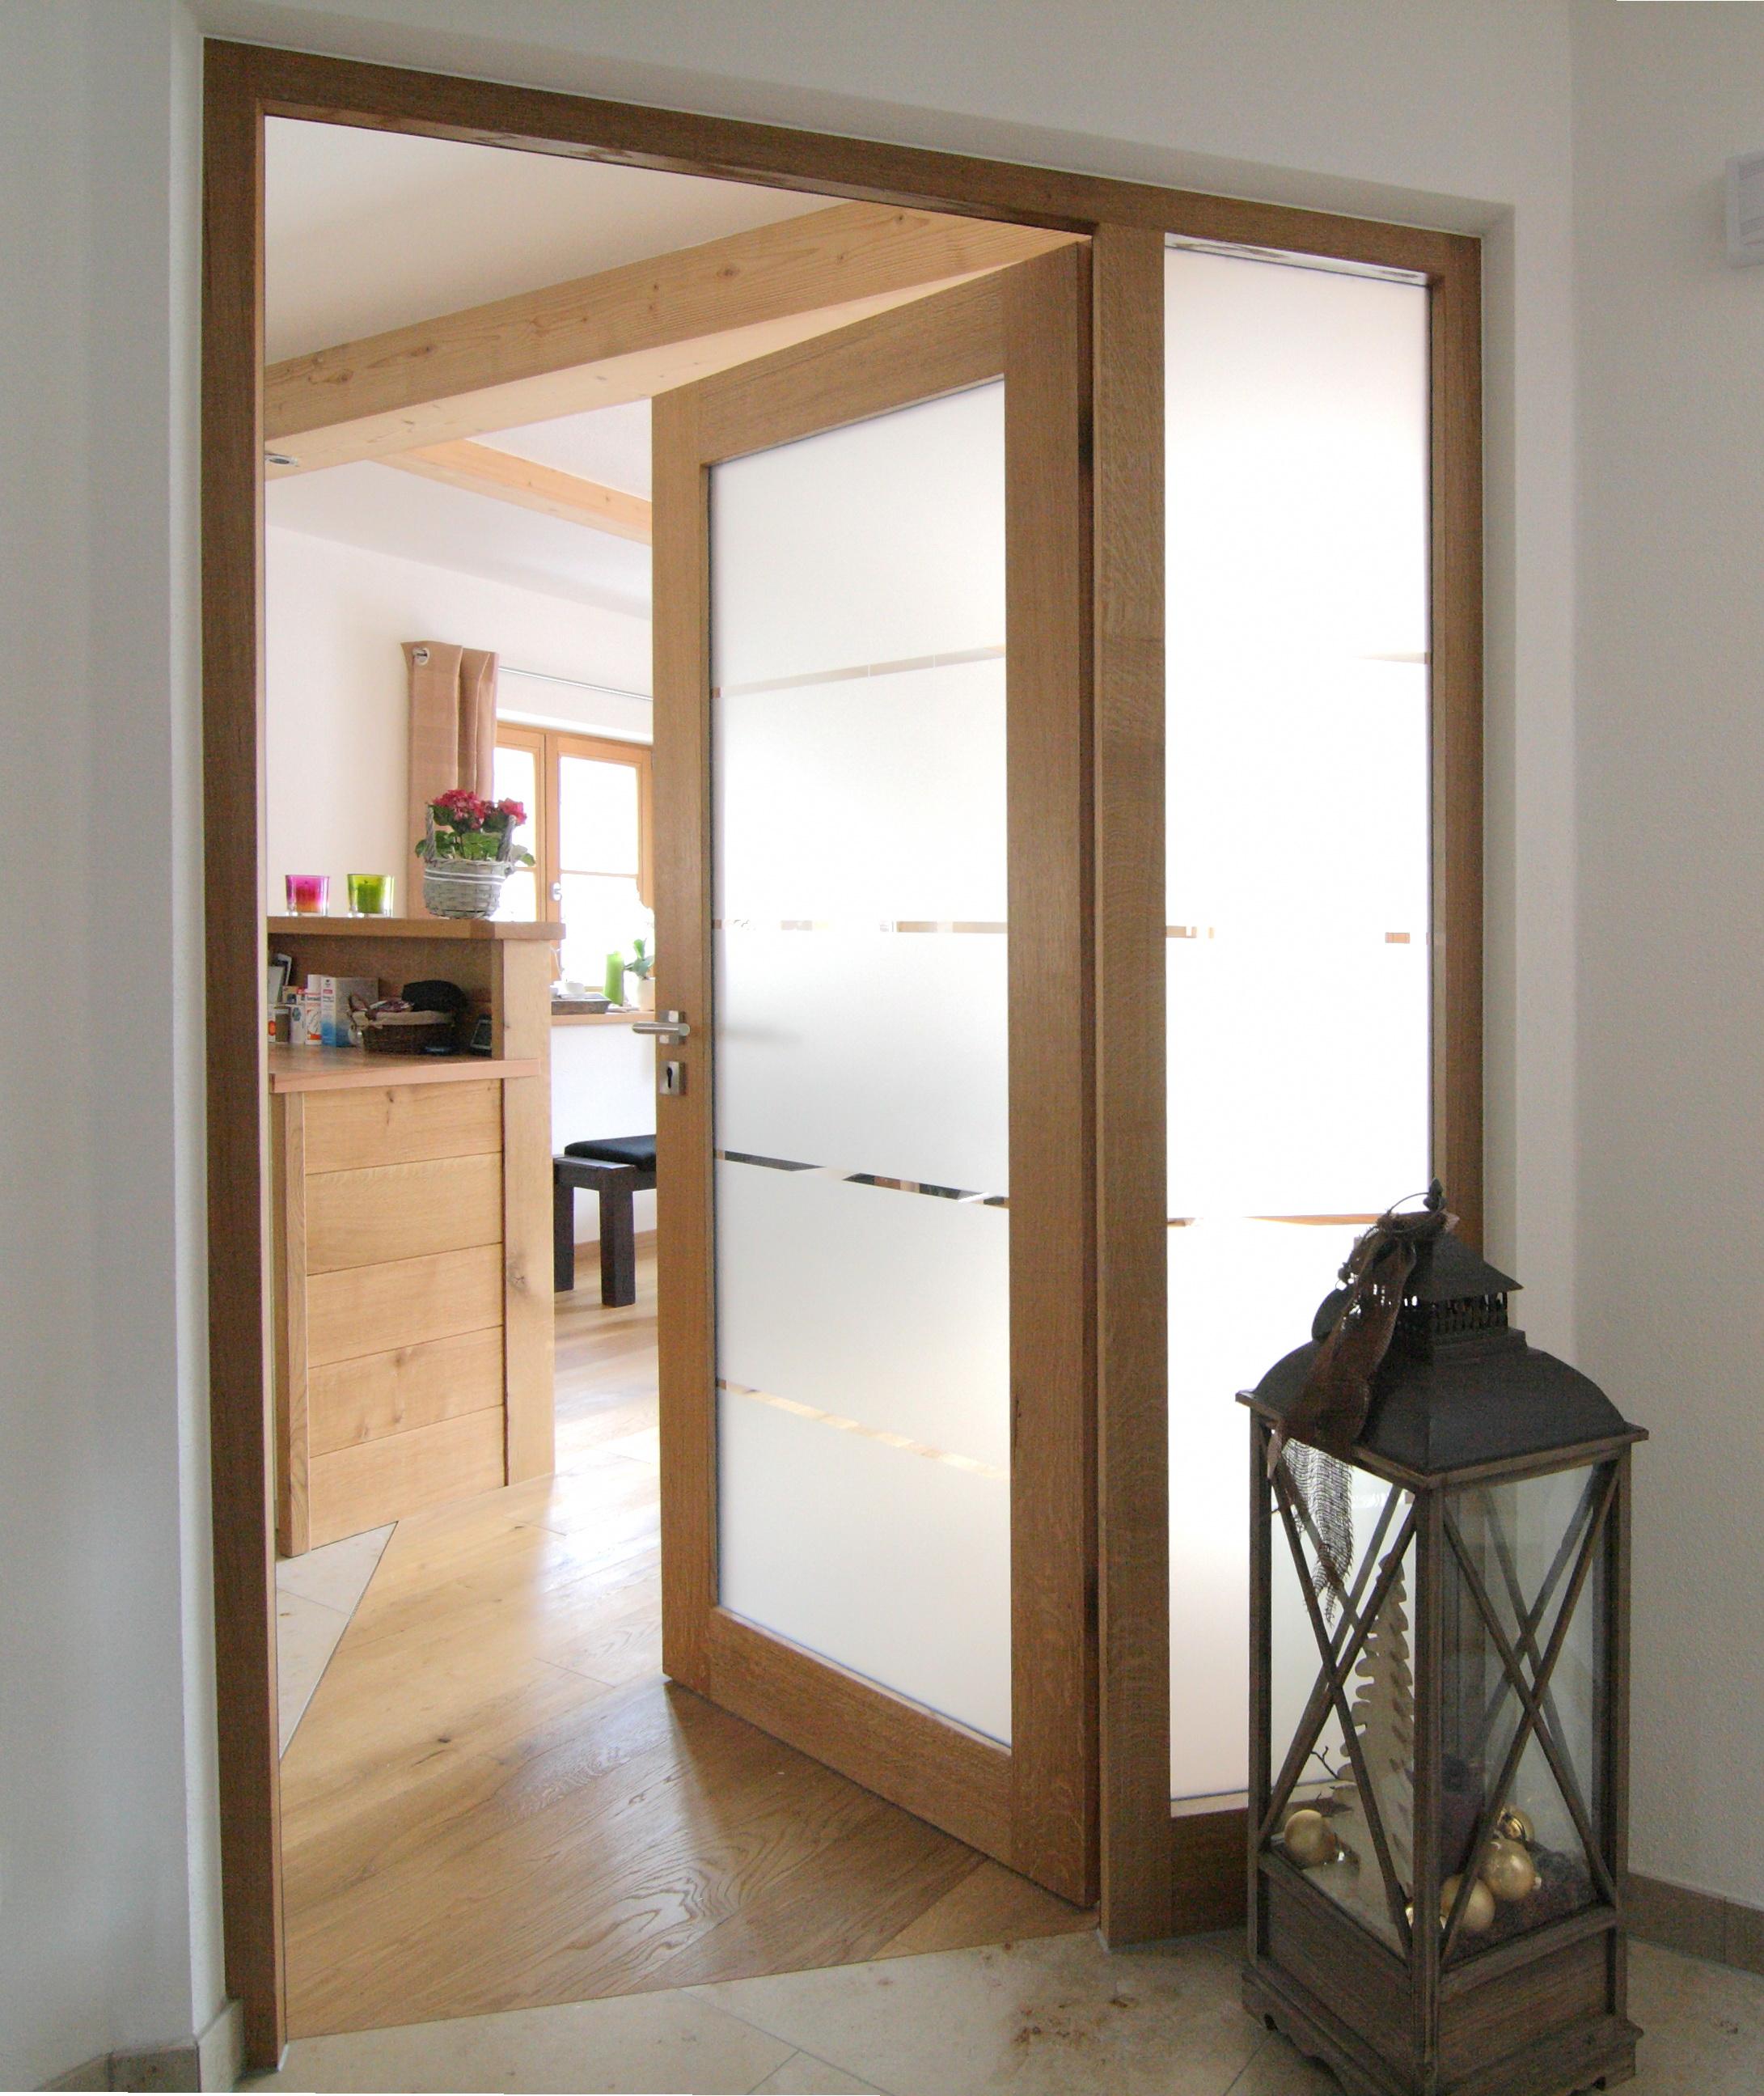 Zimmertüre mit Glasfeld